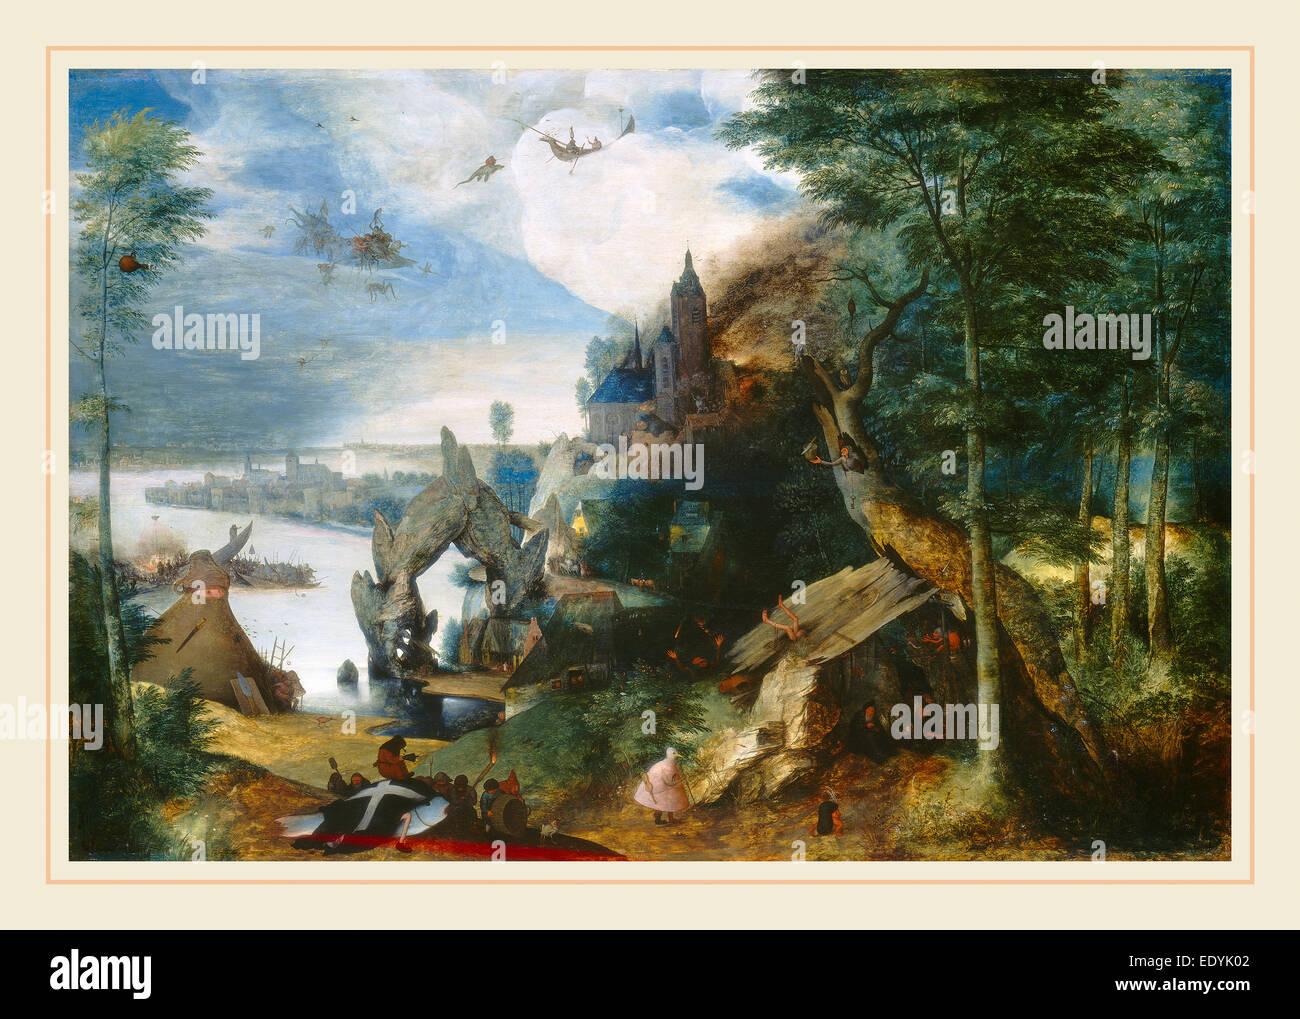 Disciple de Pieter Bruegel l'Ancien, La Tentation de Saint Antoine, c. 1550-1575, huile sur panneau Photo Stock